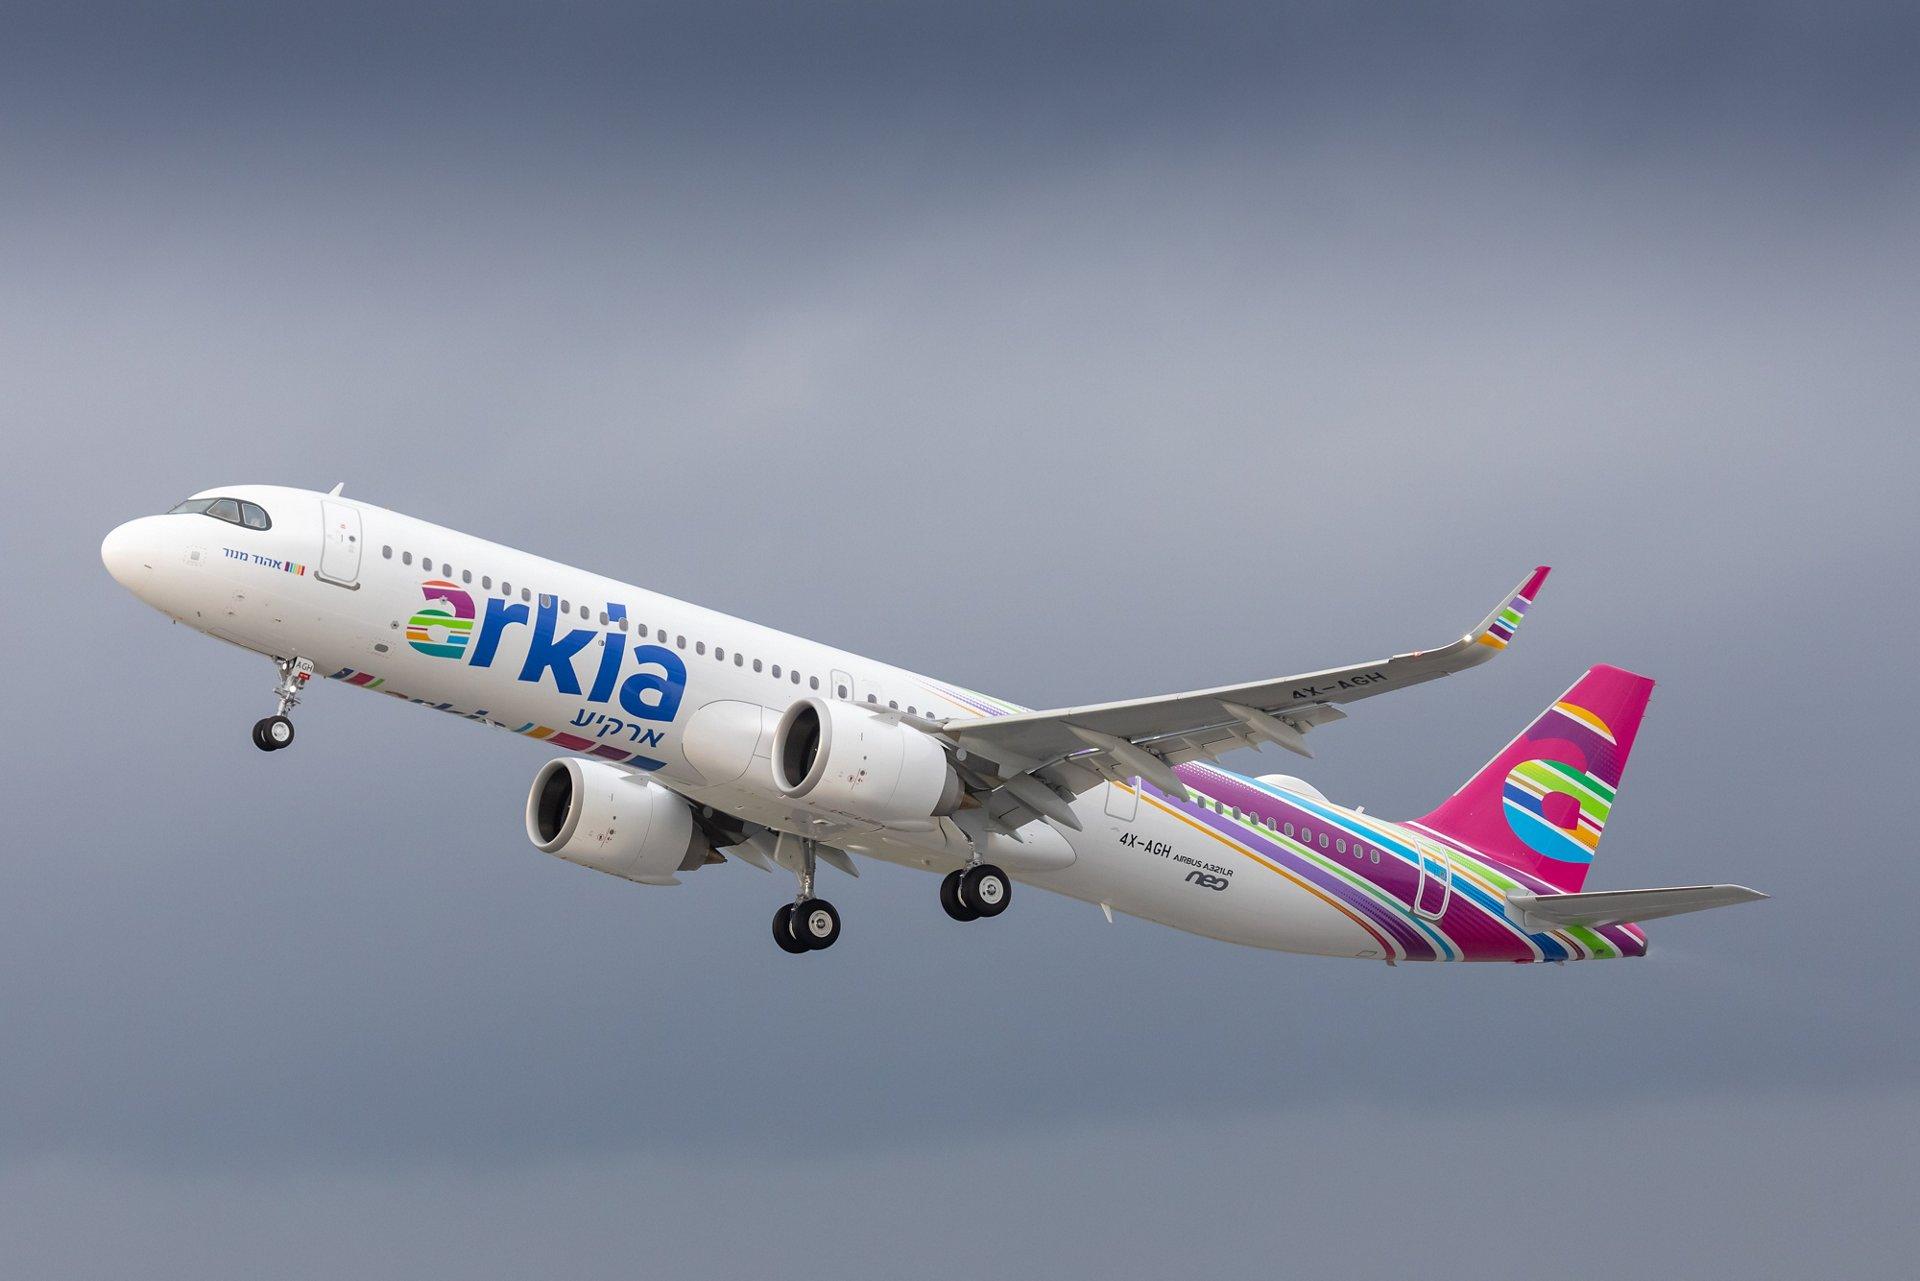 Primer Airbus A321LR fue entregado a Arkia Airlines